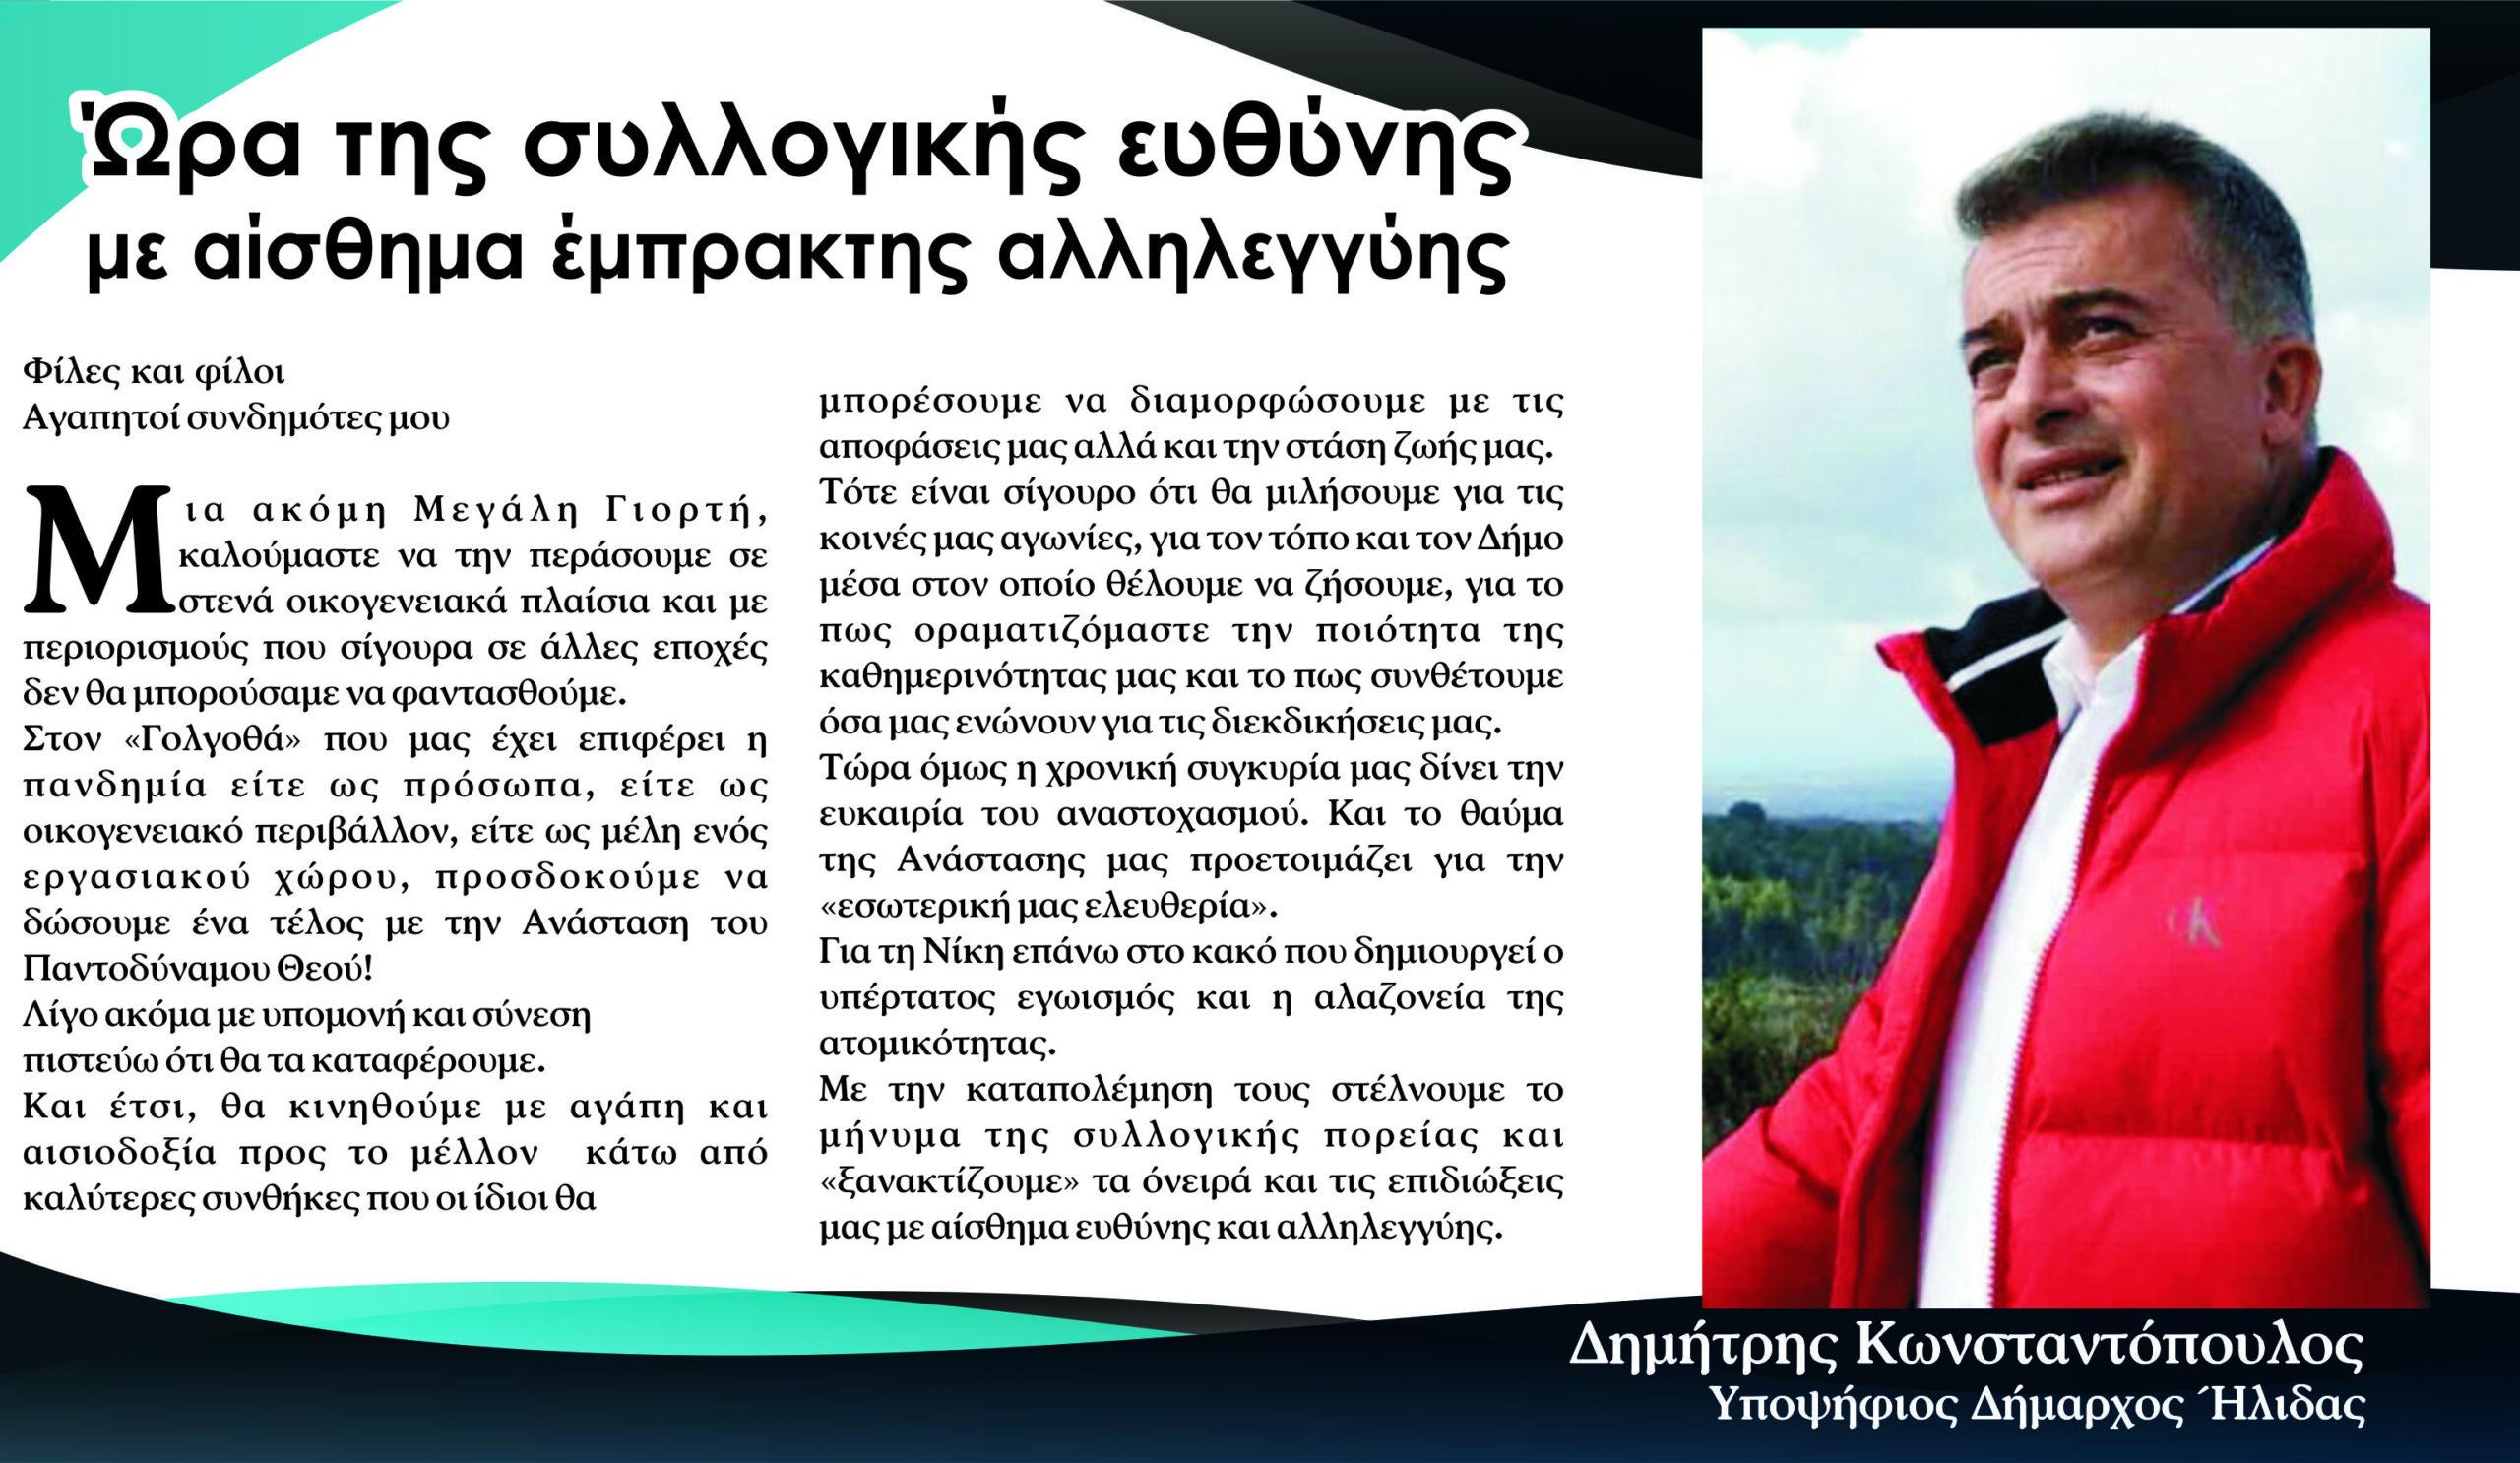 """Ευχές για το Πάσχα του υποψηφίου Δημάρχου Ήλιδας Δημήτρη Κωνσταντόπουλου: """"Ωρα της συλλογικής ευθύνης με αίσθημα έμπρακτης αλληλεγγύης"""""""